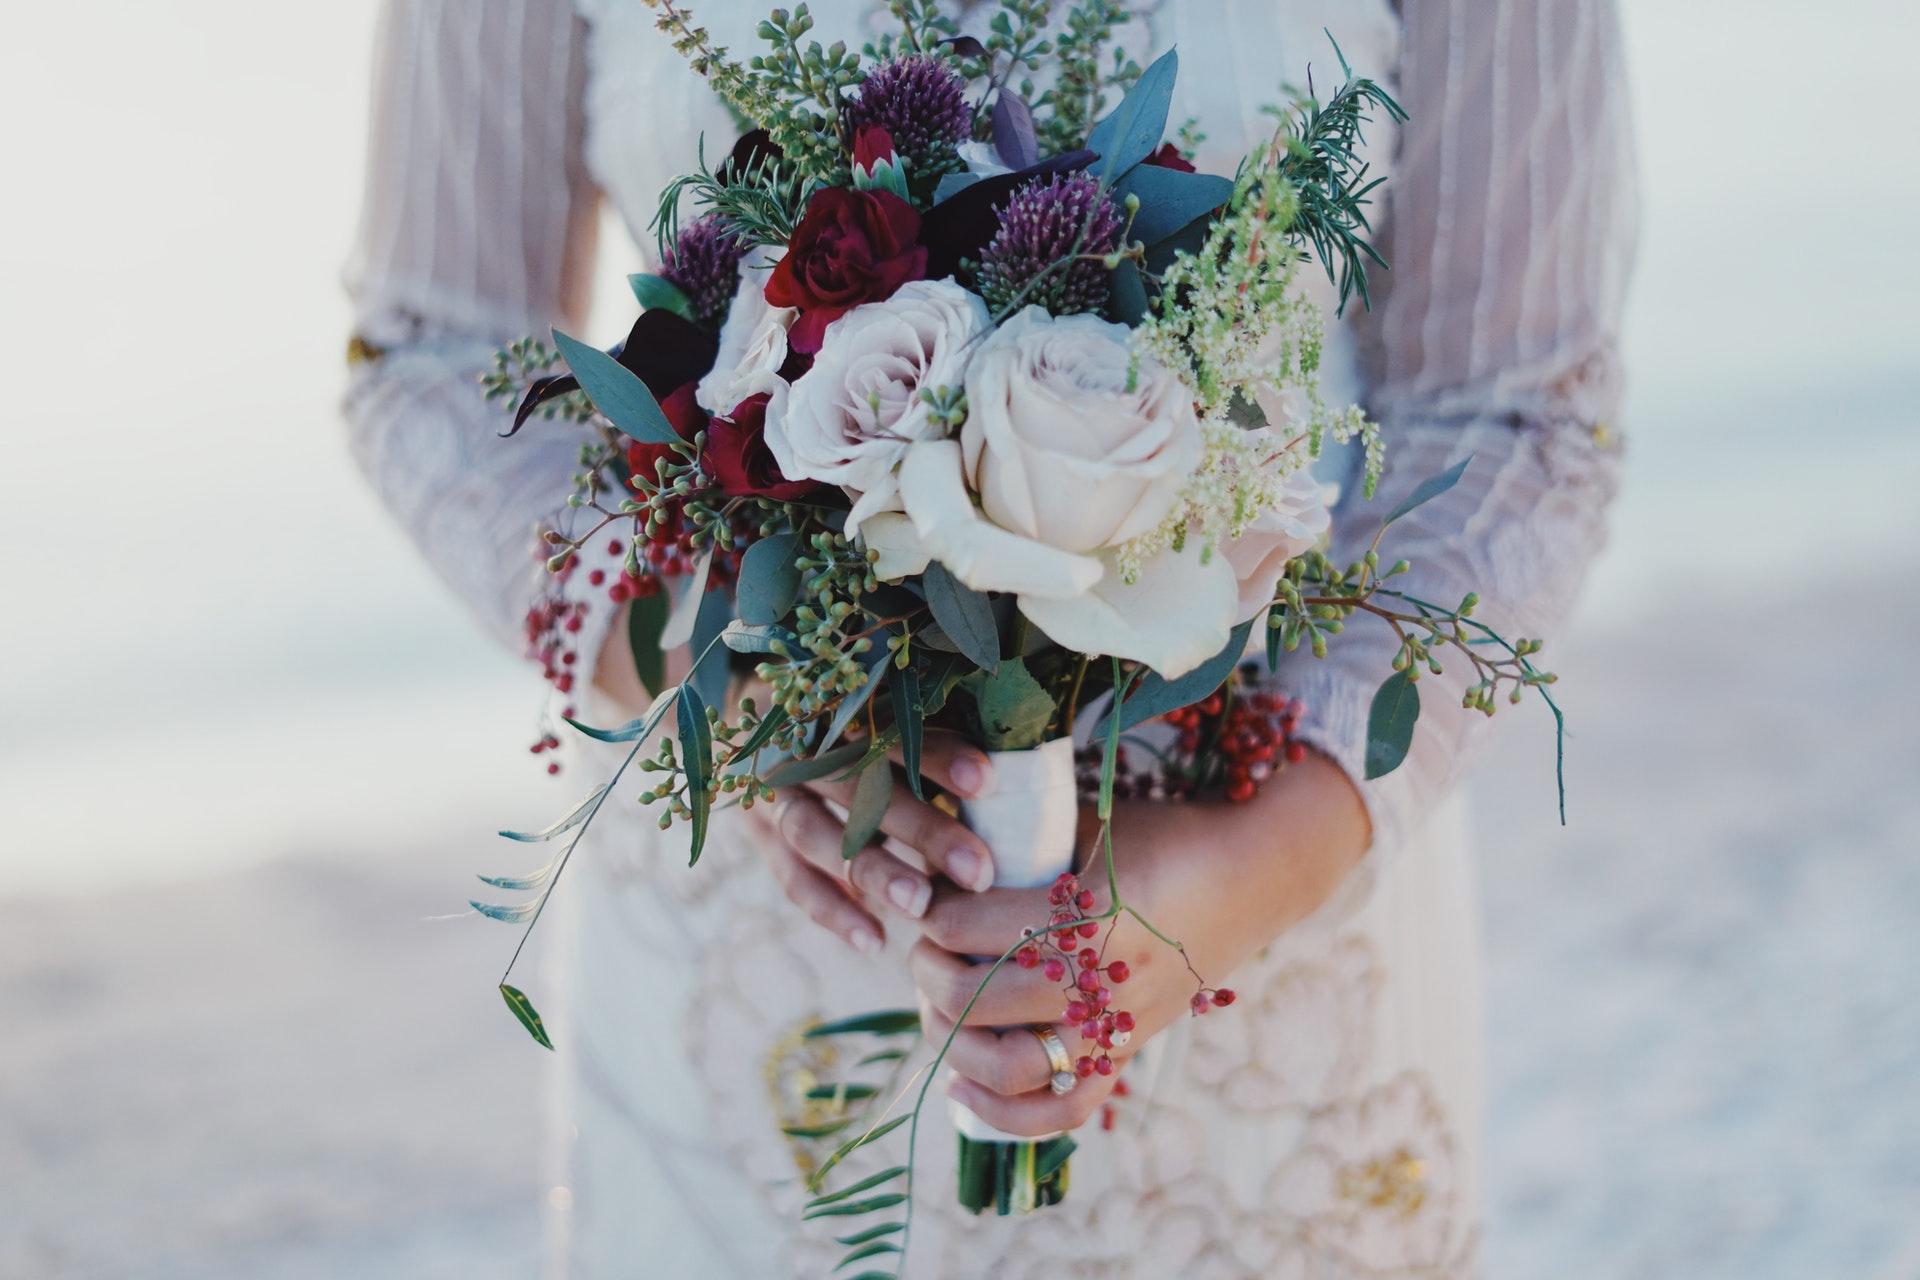 Comment trouver un wedding planner à Dijon ?